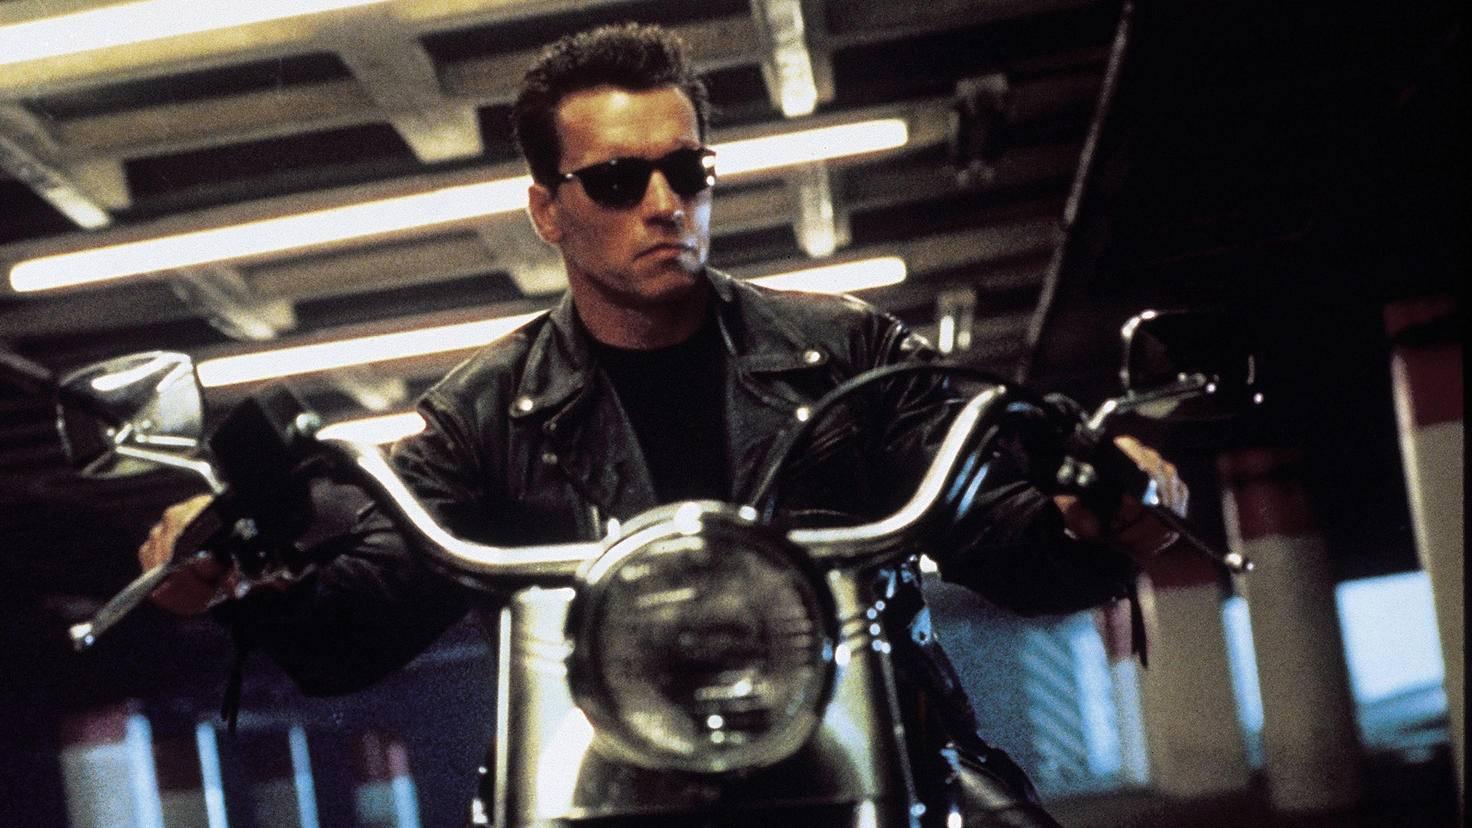 Niemand anderes könnte den wortkargen Cyborg wohl so gut spielen können, wie Arnold Schwarzenegger.